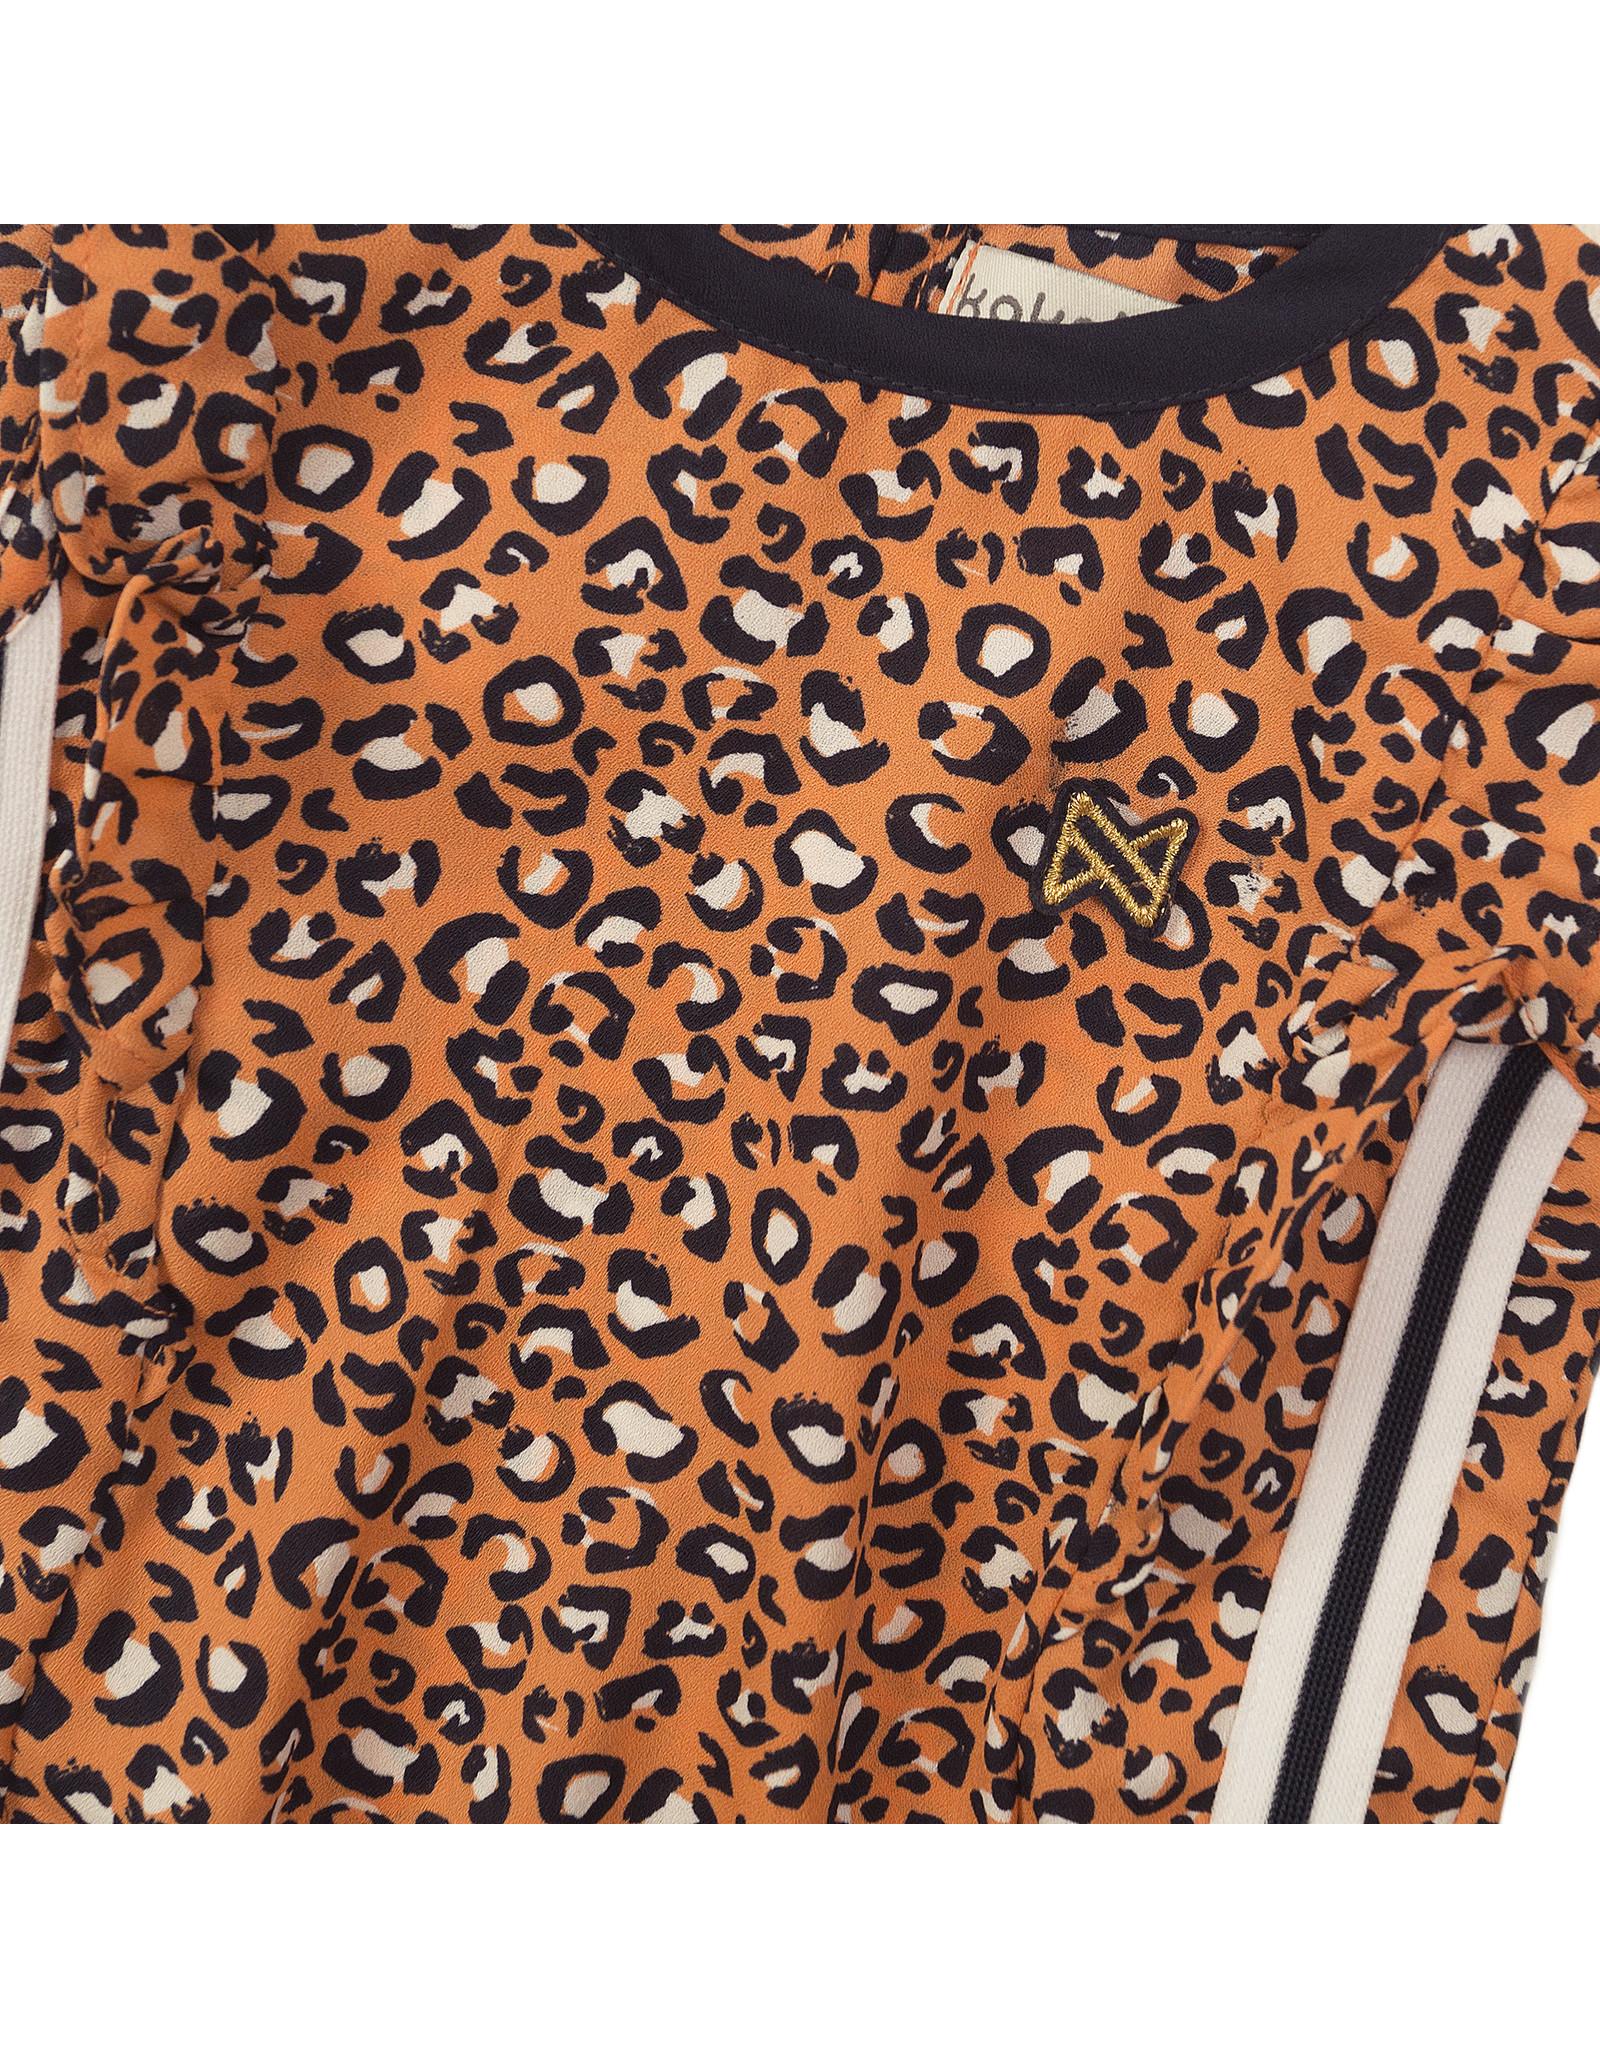 Koko Noko Koko Noko meisjes top panterprint met bies Orange